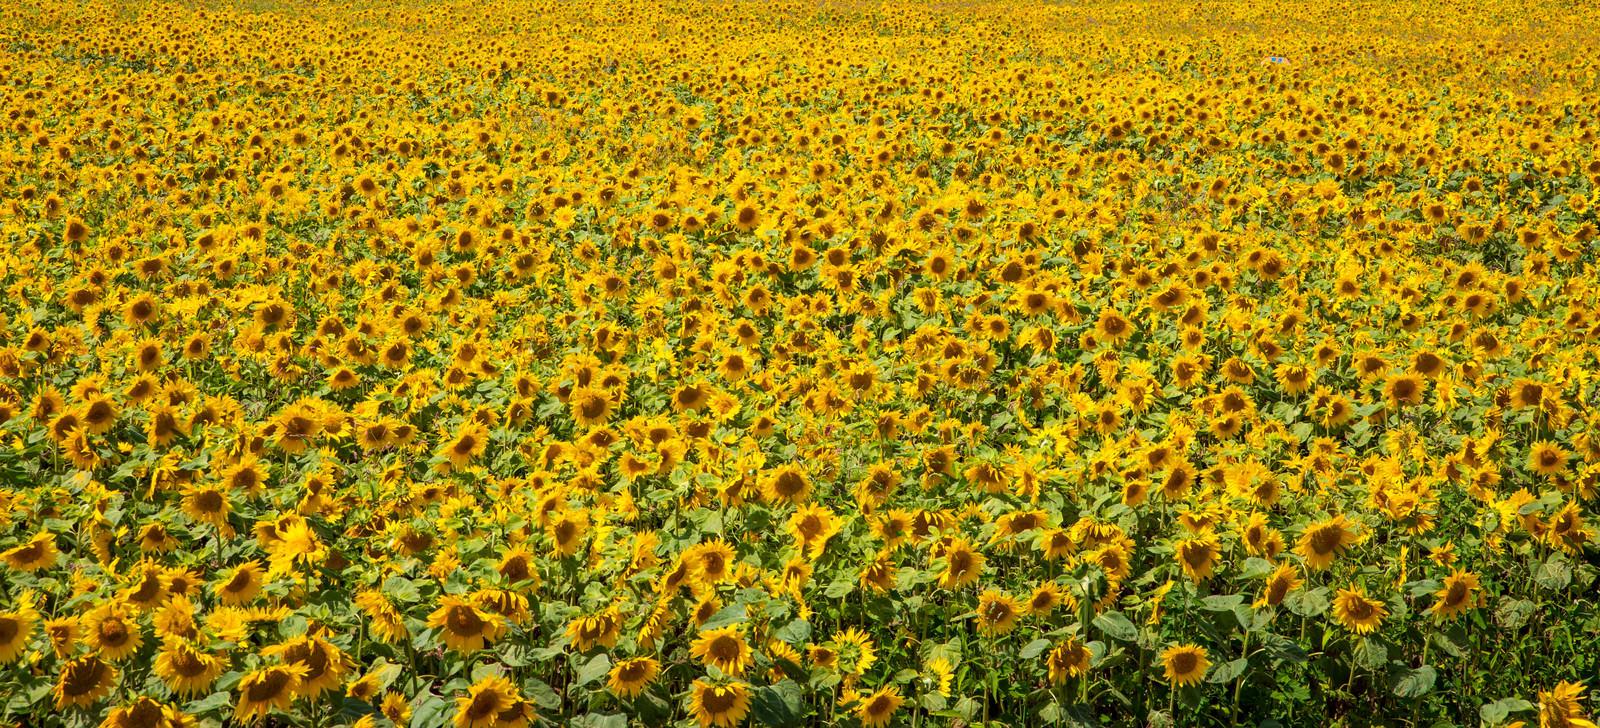 「画面いっぱいの向日葵」の写真